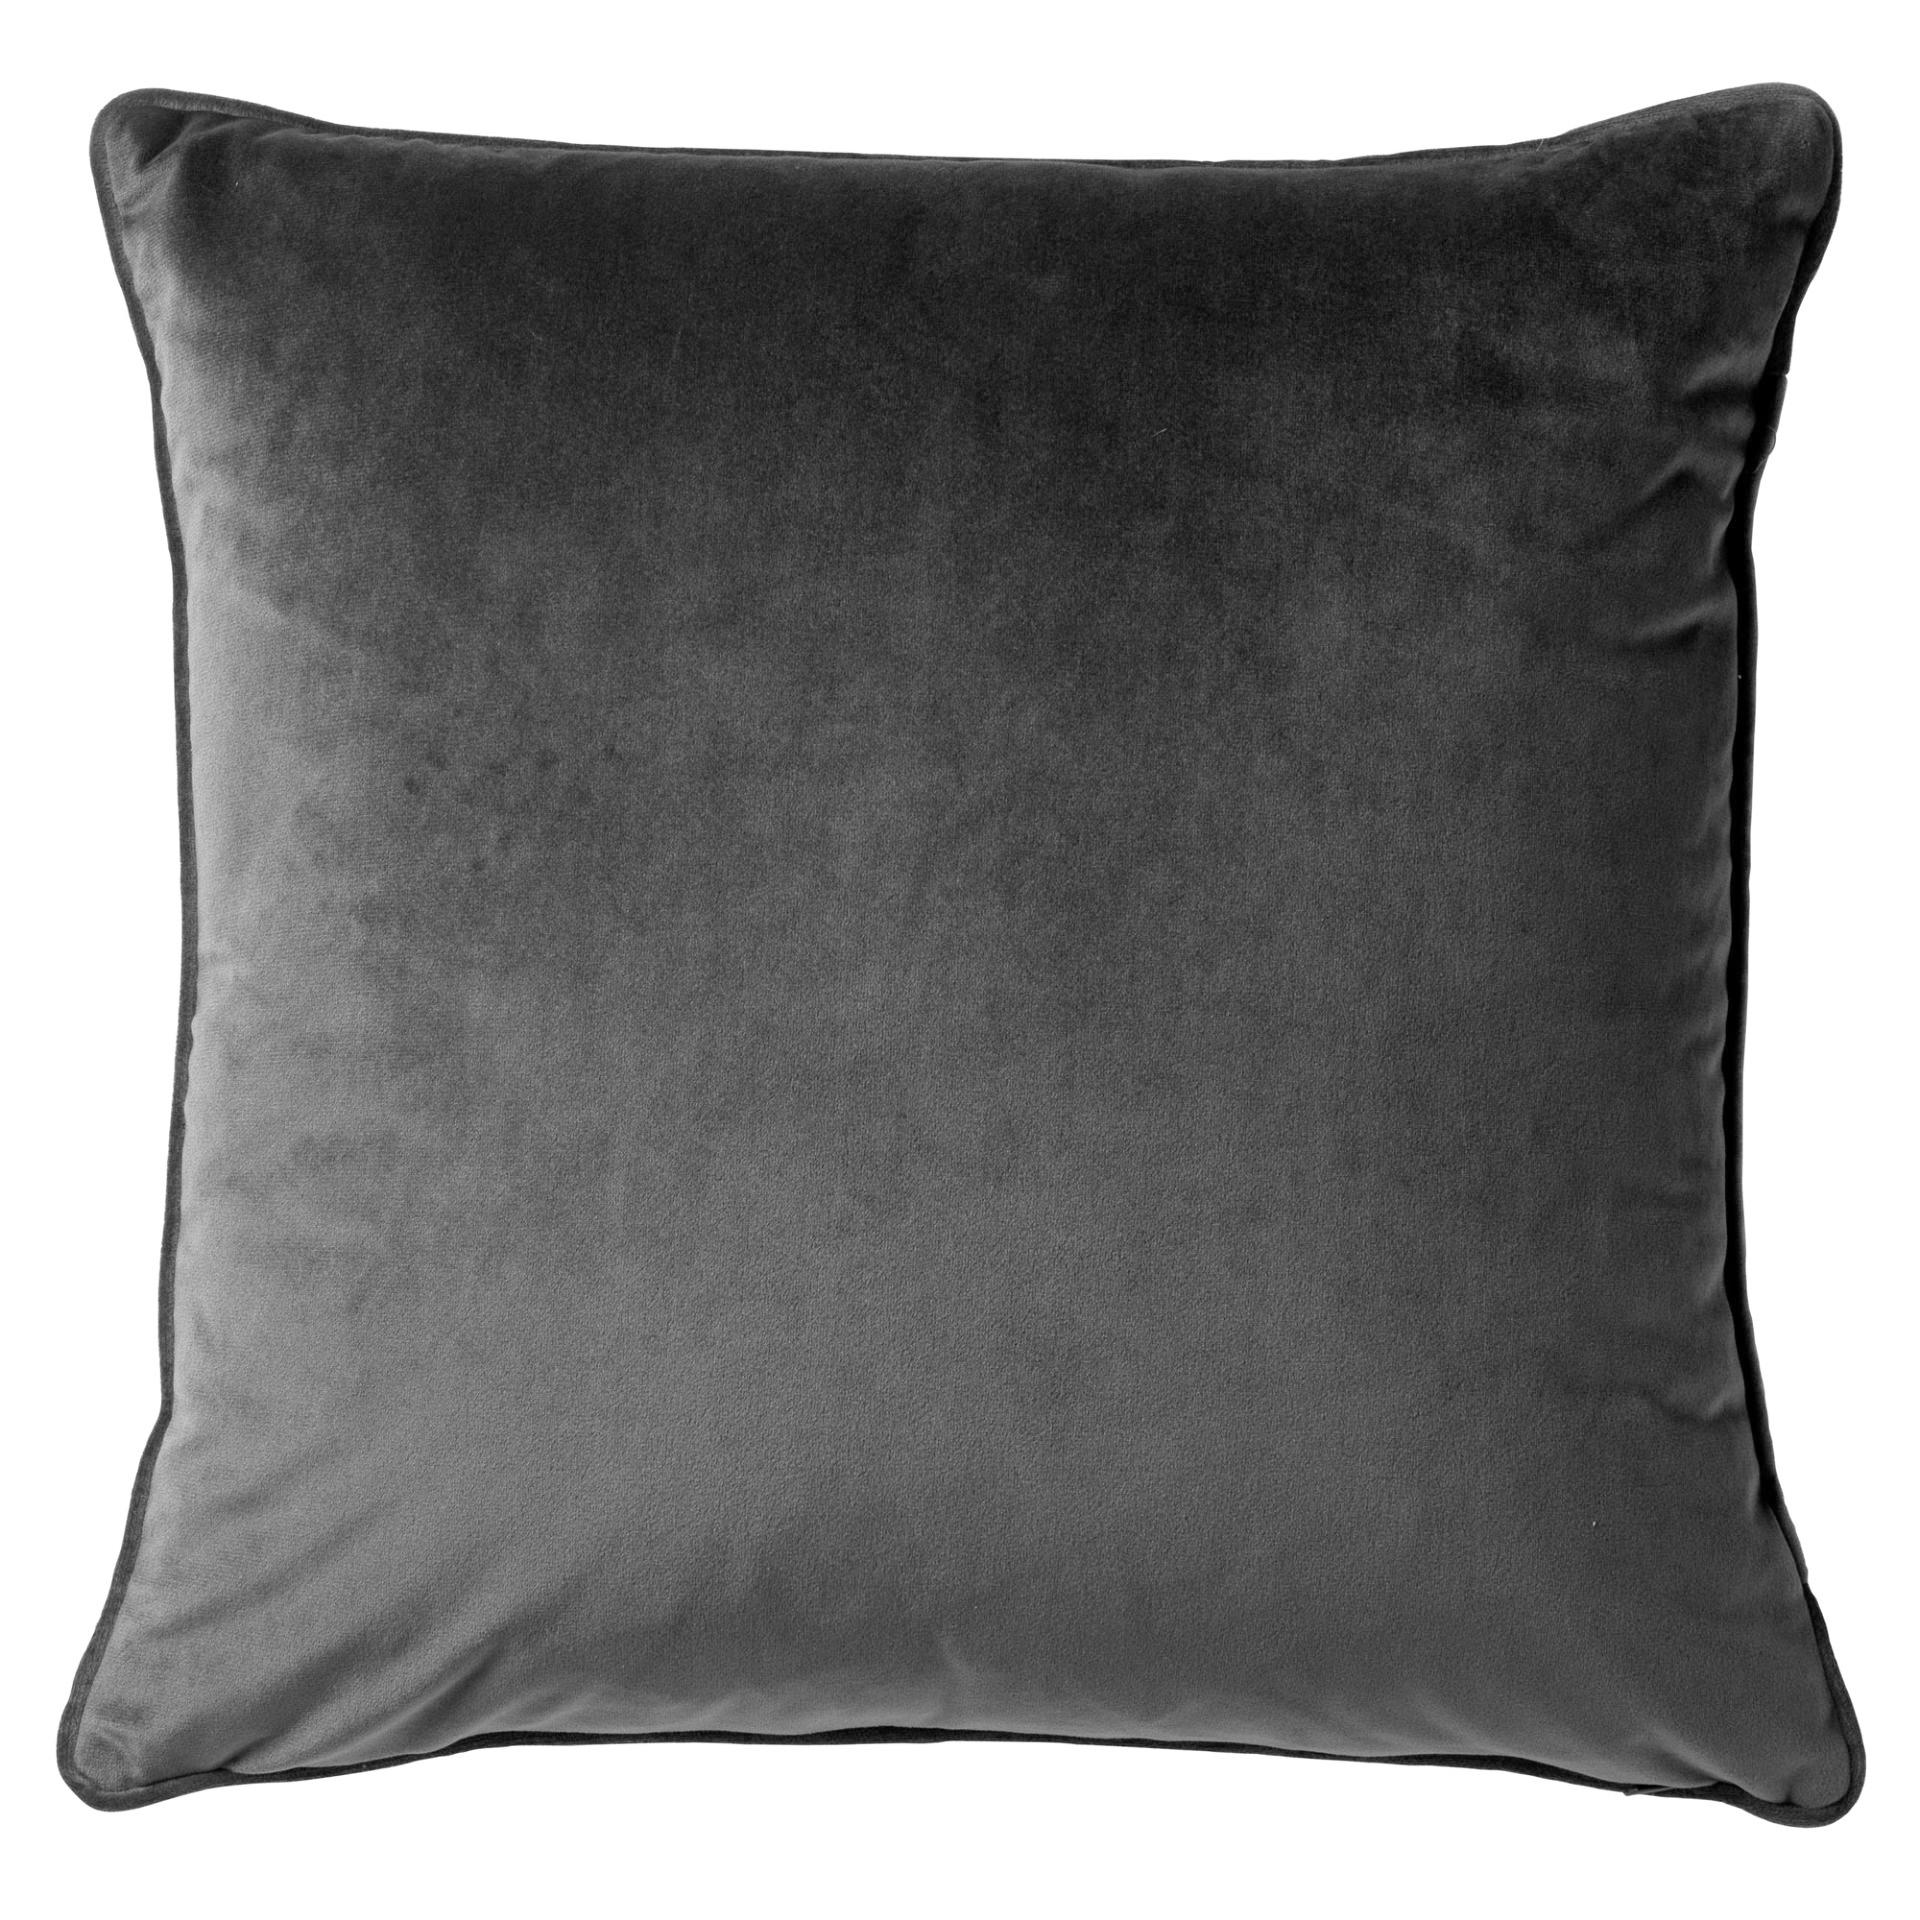 FINN - Sierkussen velvet Charcoal Gray 45x45 cm